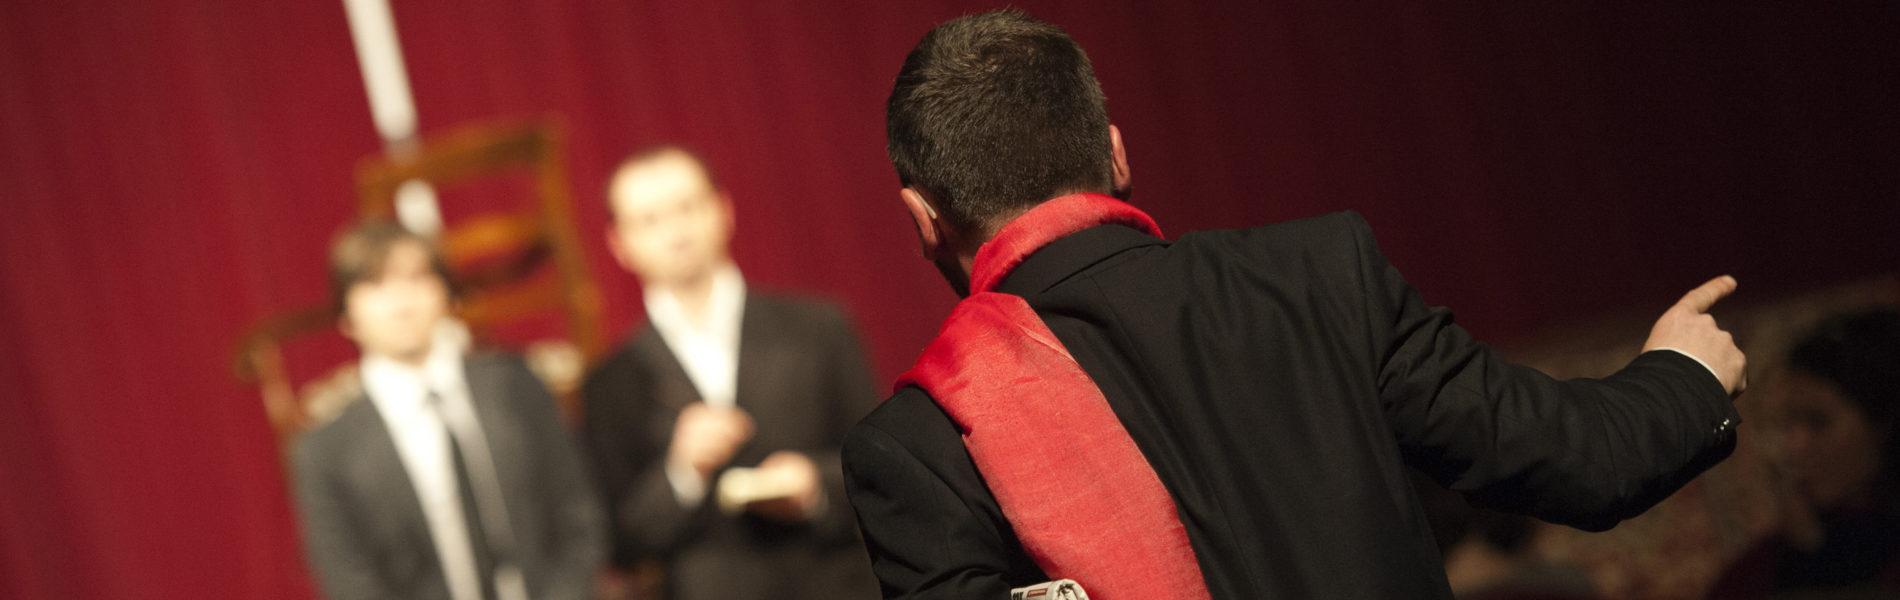 Spettacolo_Teatrale_2012_031